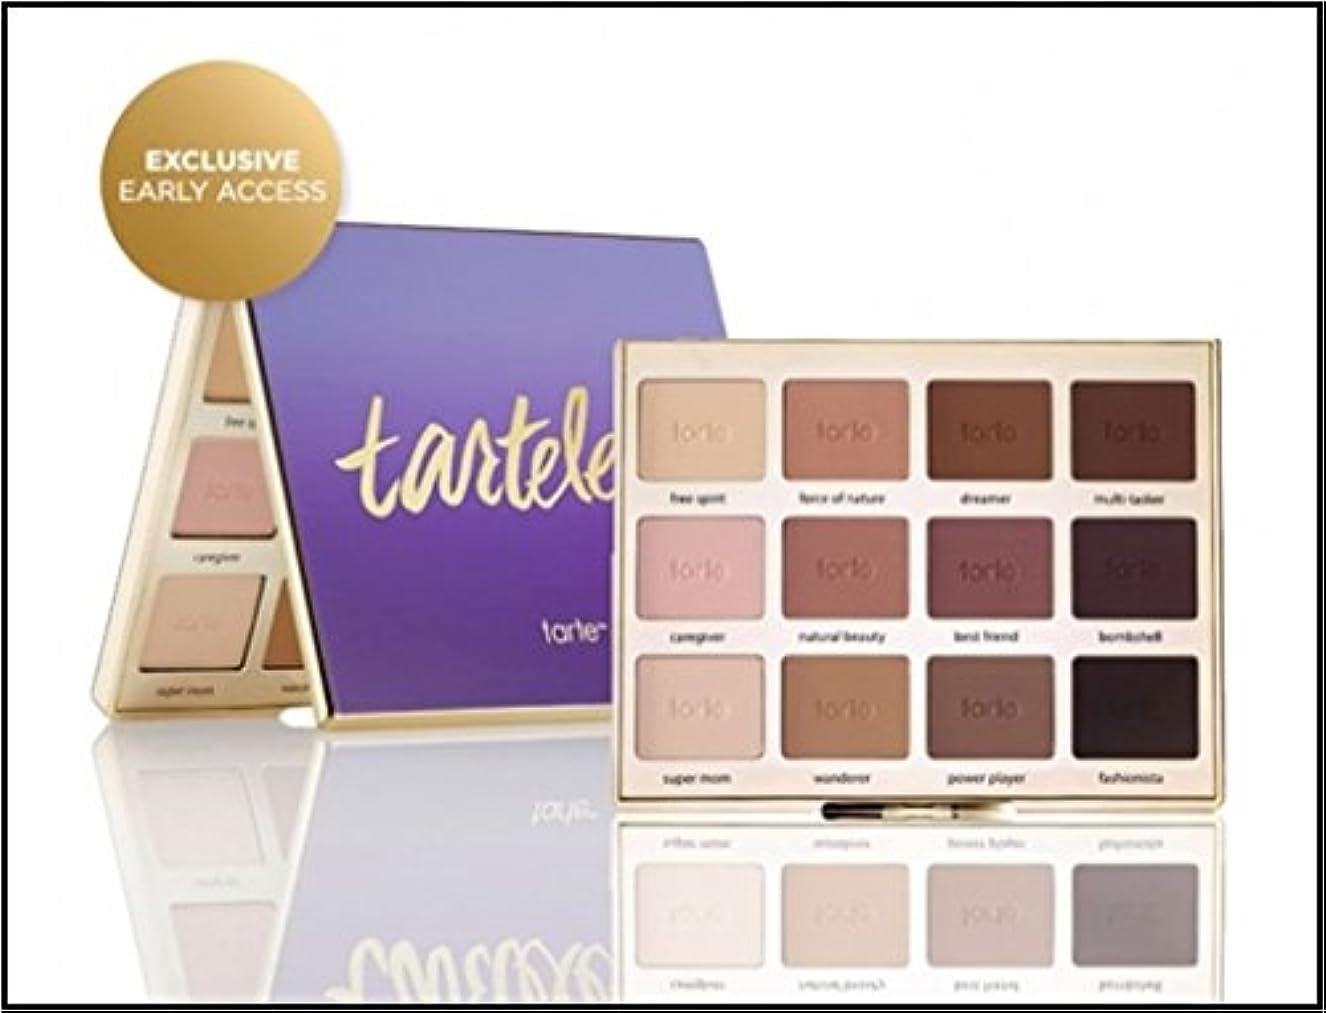 平均折ほこりTarte Tartelettonian Clay Matte Eyeshadow Palette (Limited Edition) タルト マットアイシャドーパレット [並行輸入品]e Amaz